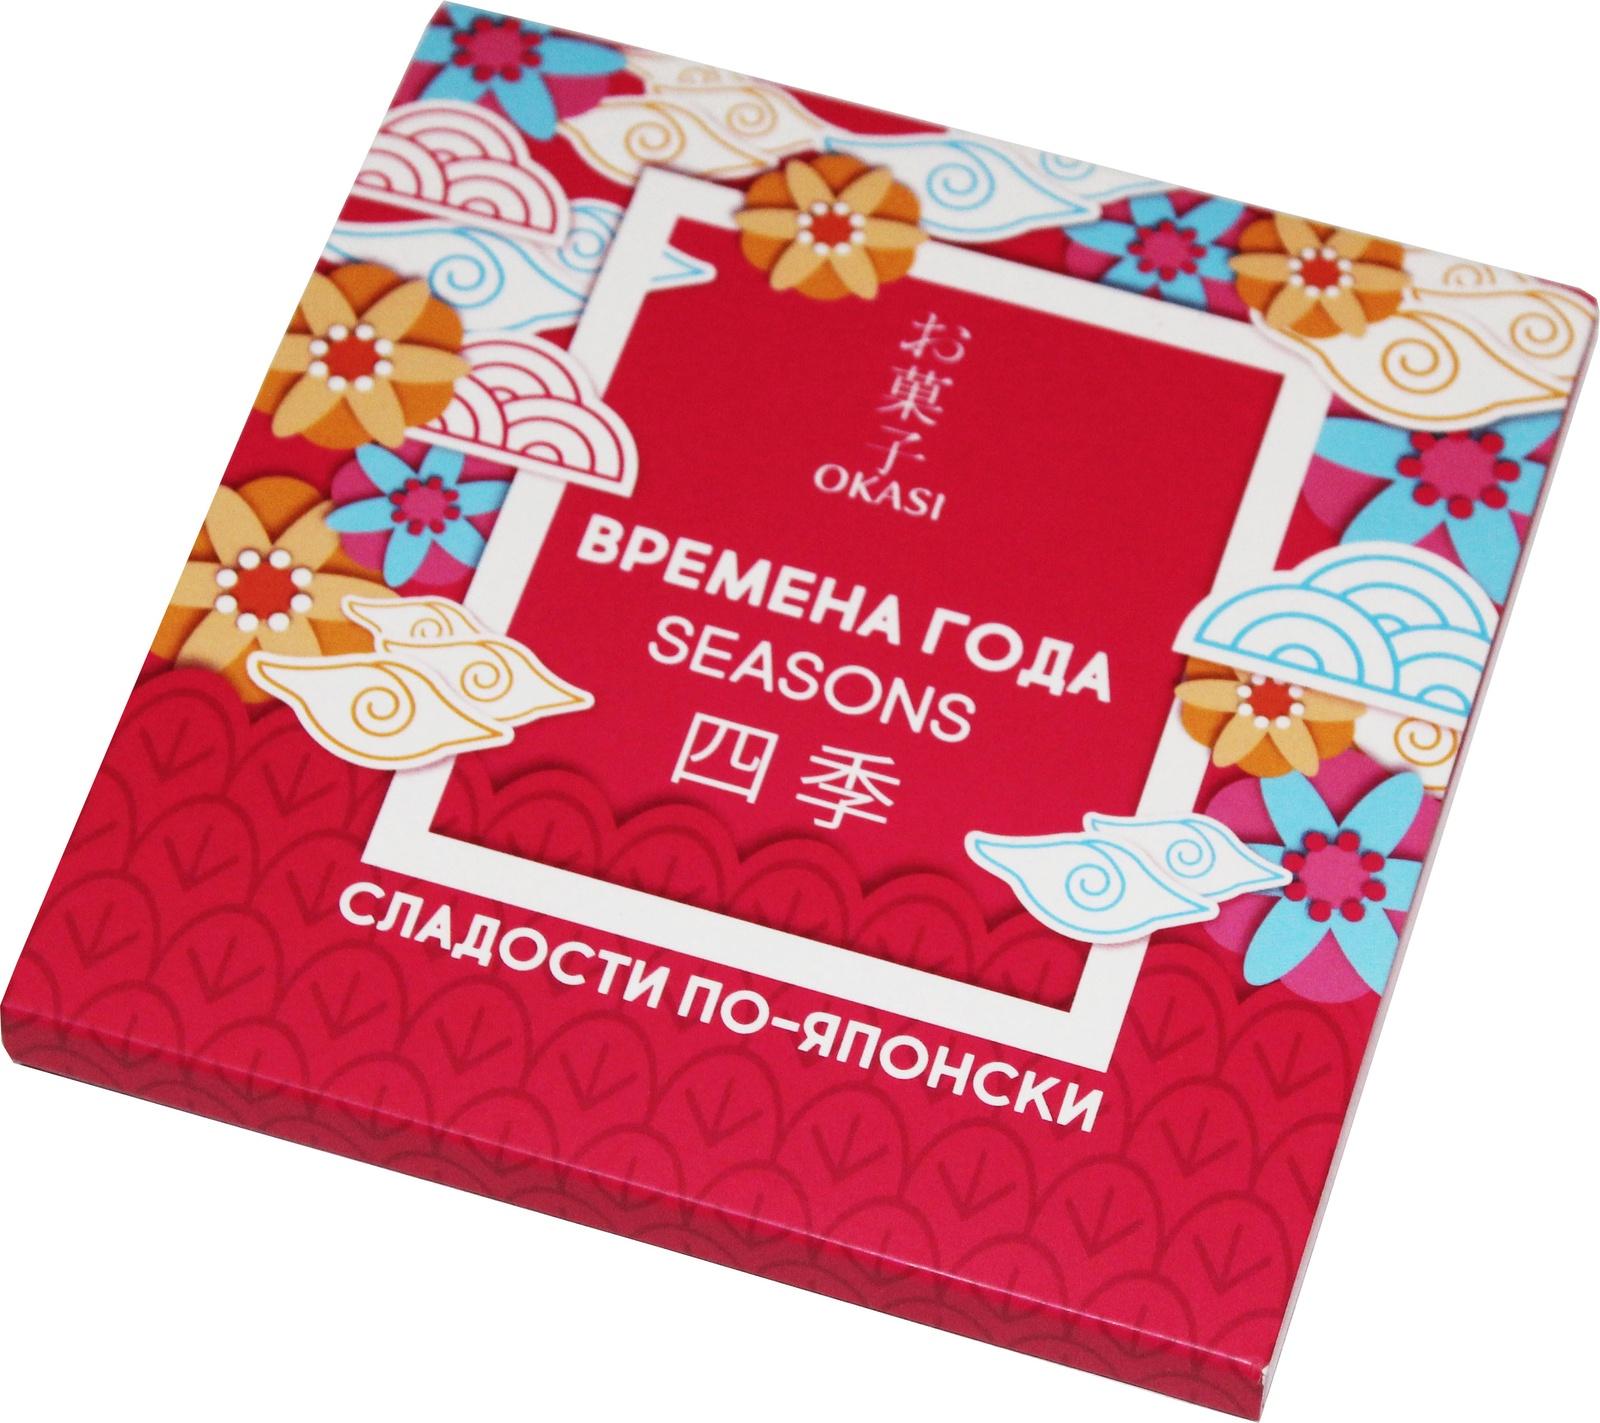 Шоколад Okasi с чаем матча Иероглифы, набор 9 шт по 5 г., 45 шоколад okasi с чаем матча плитка 80 г